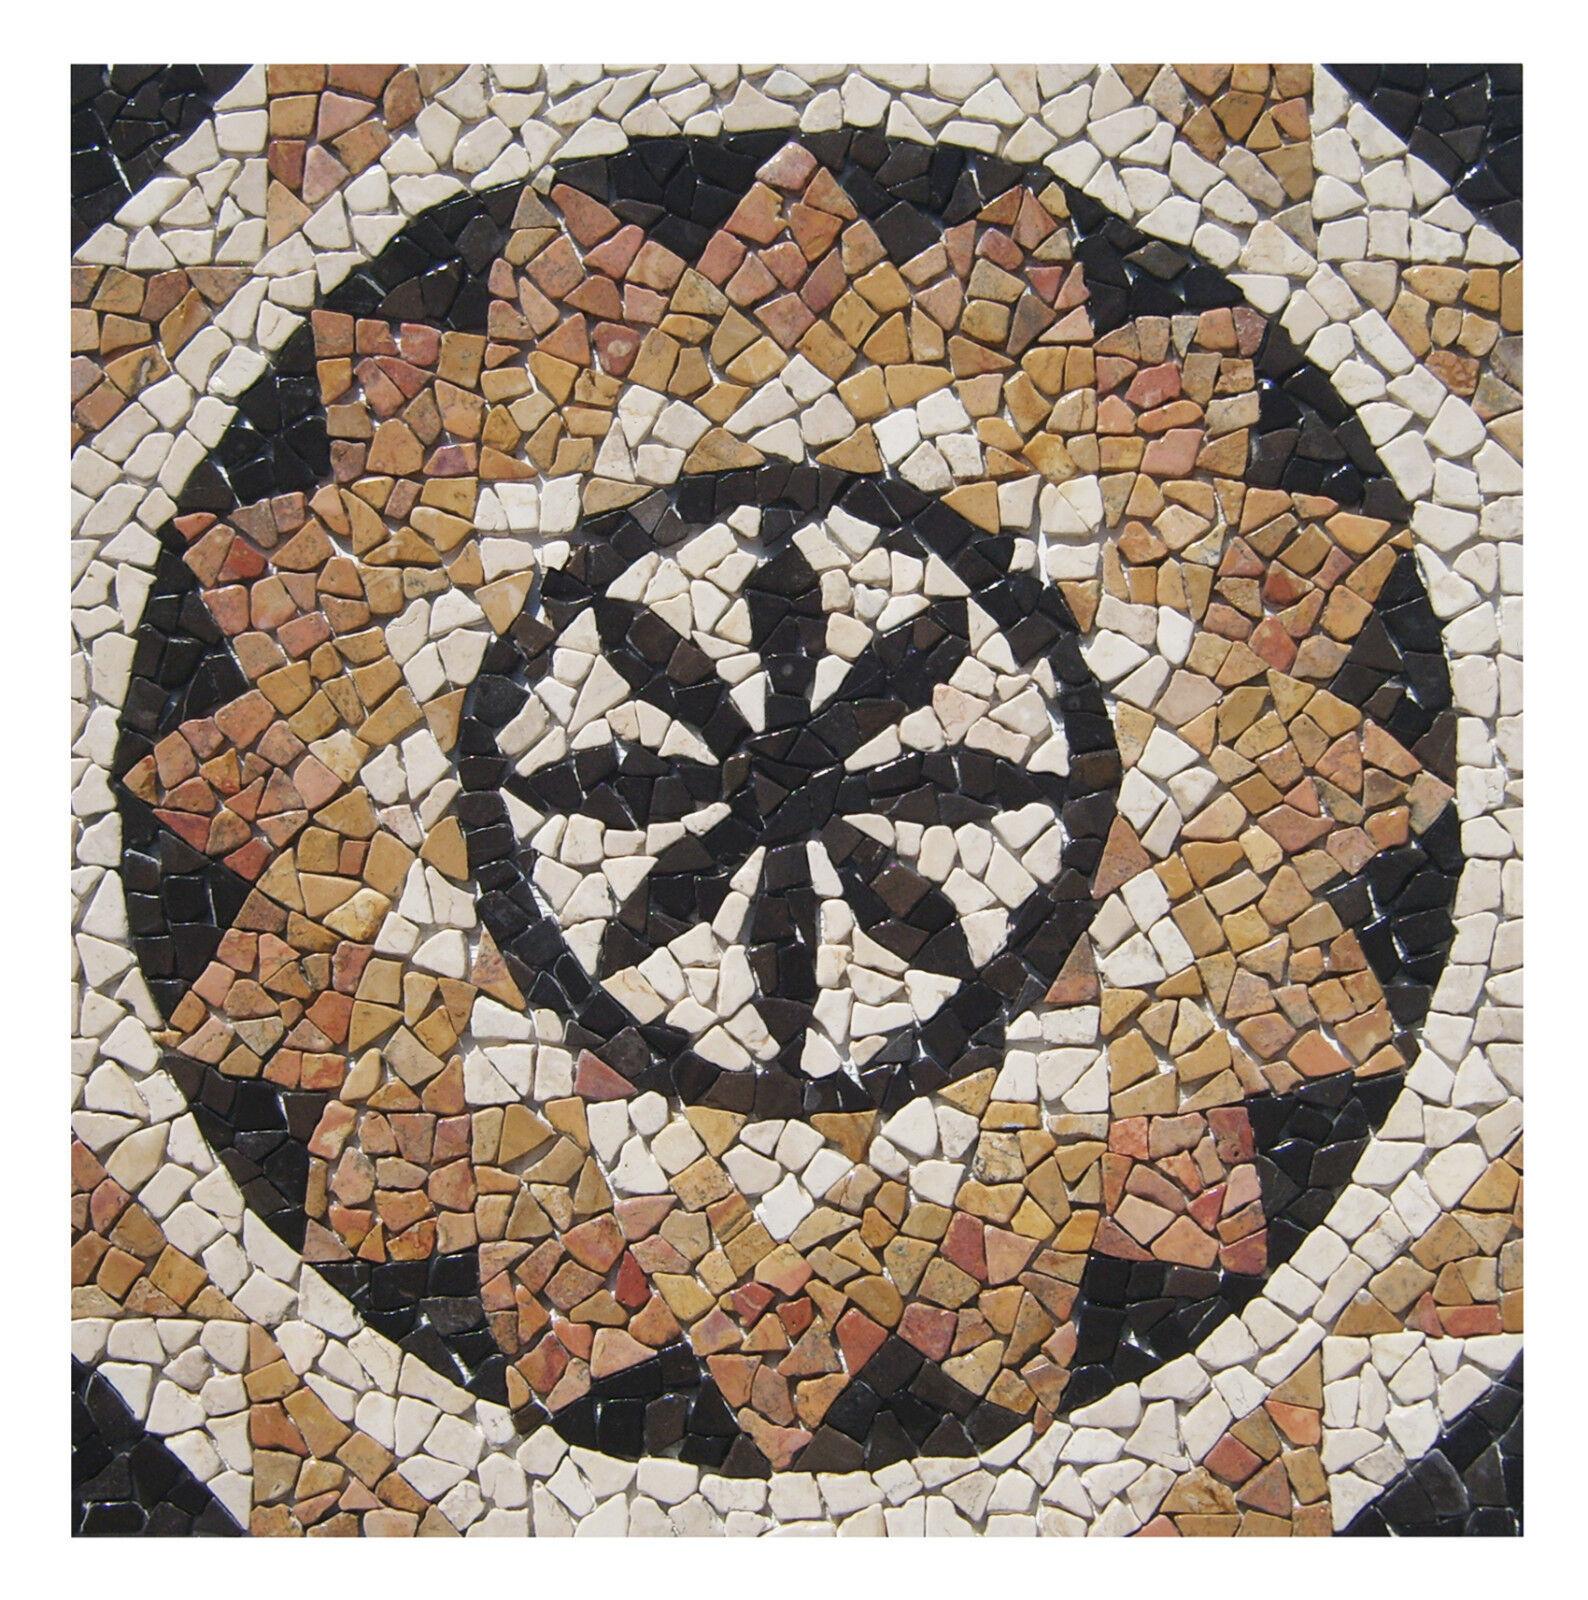 1 Marmor Einleger RO-004 - 90x90x1 cm - Mosaik Rosone - Fliesen Lager Herne NRW